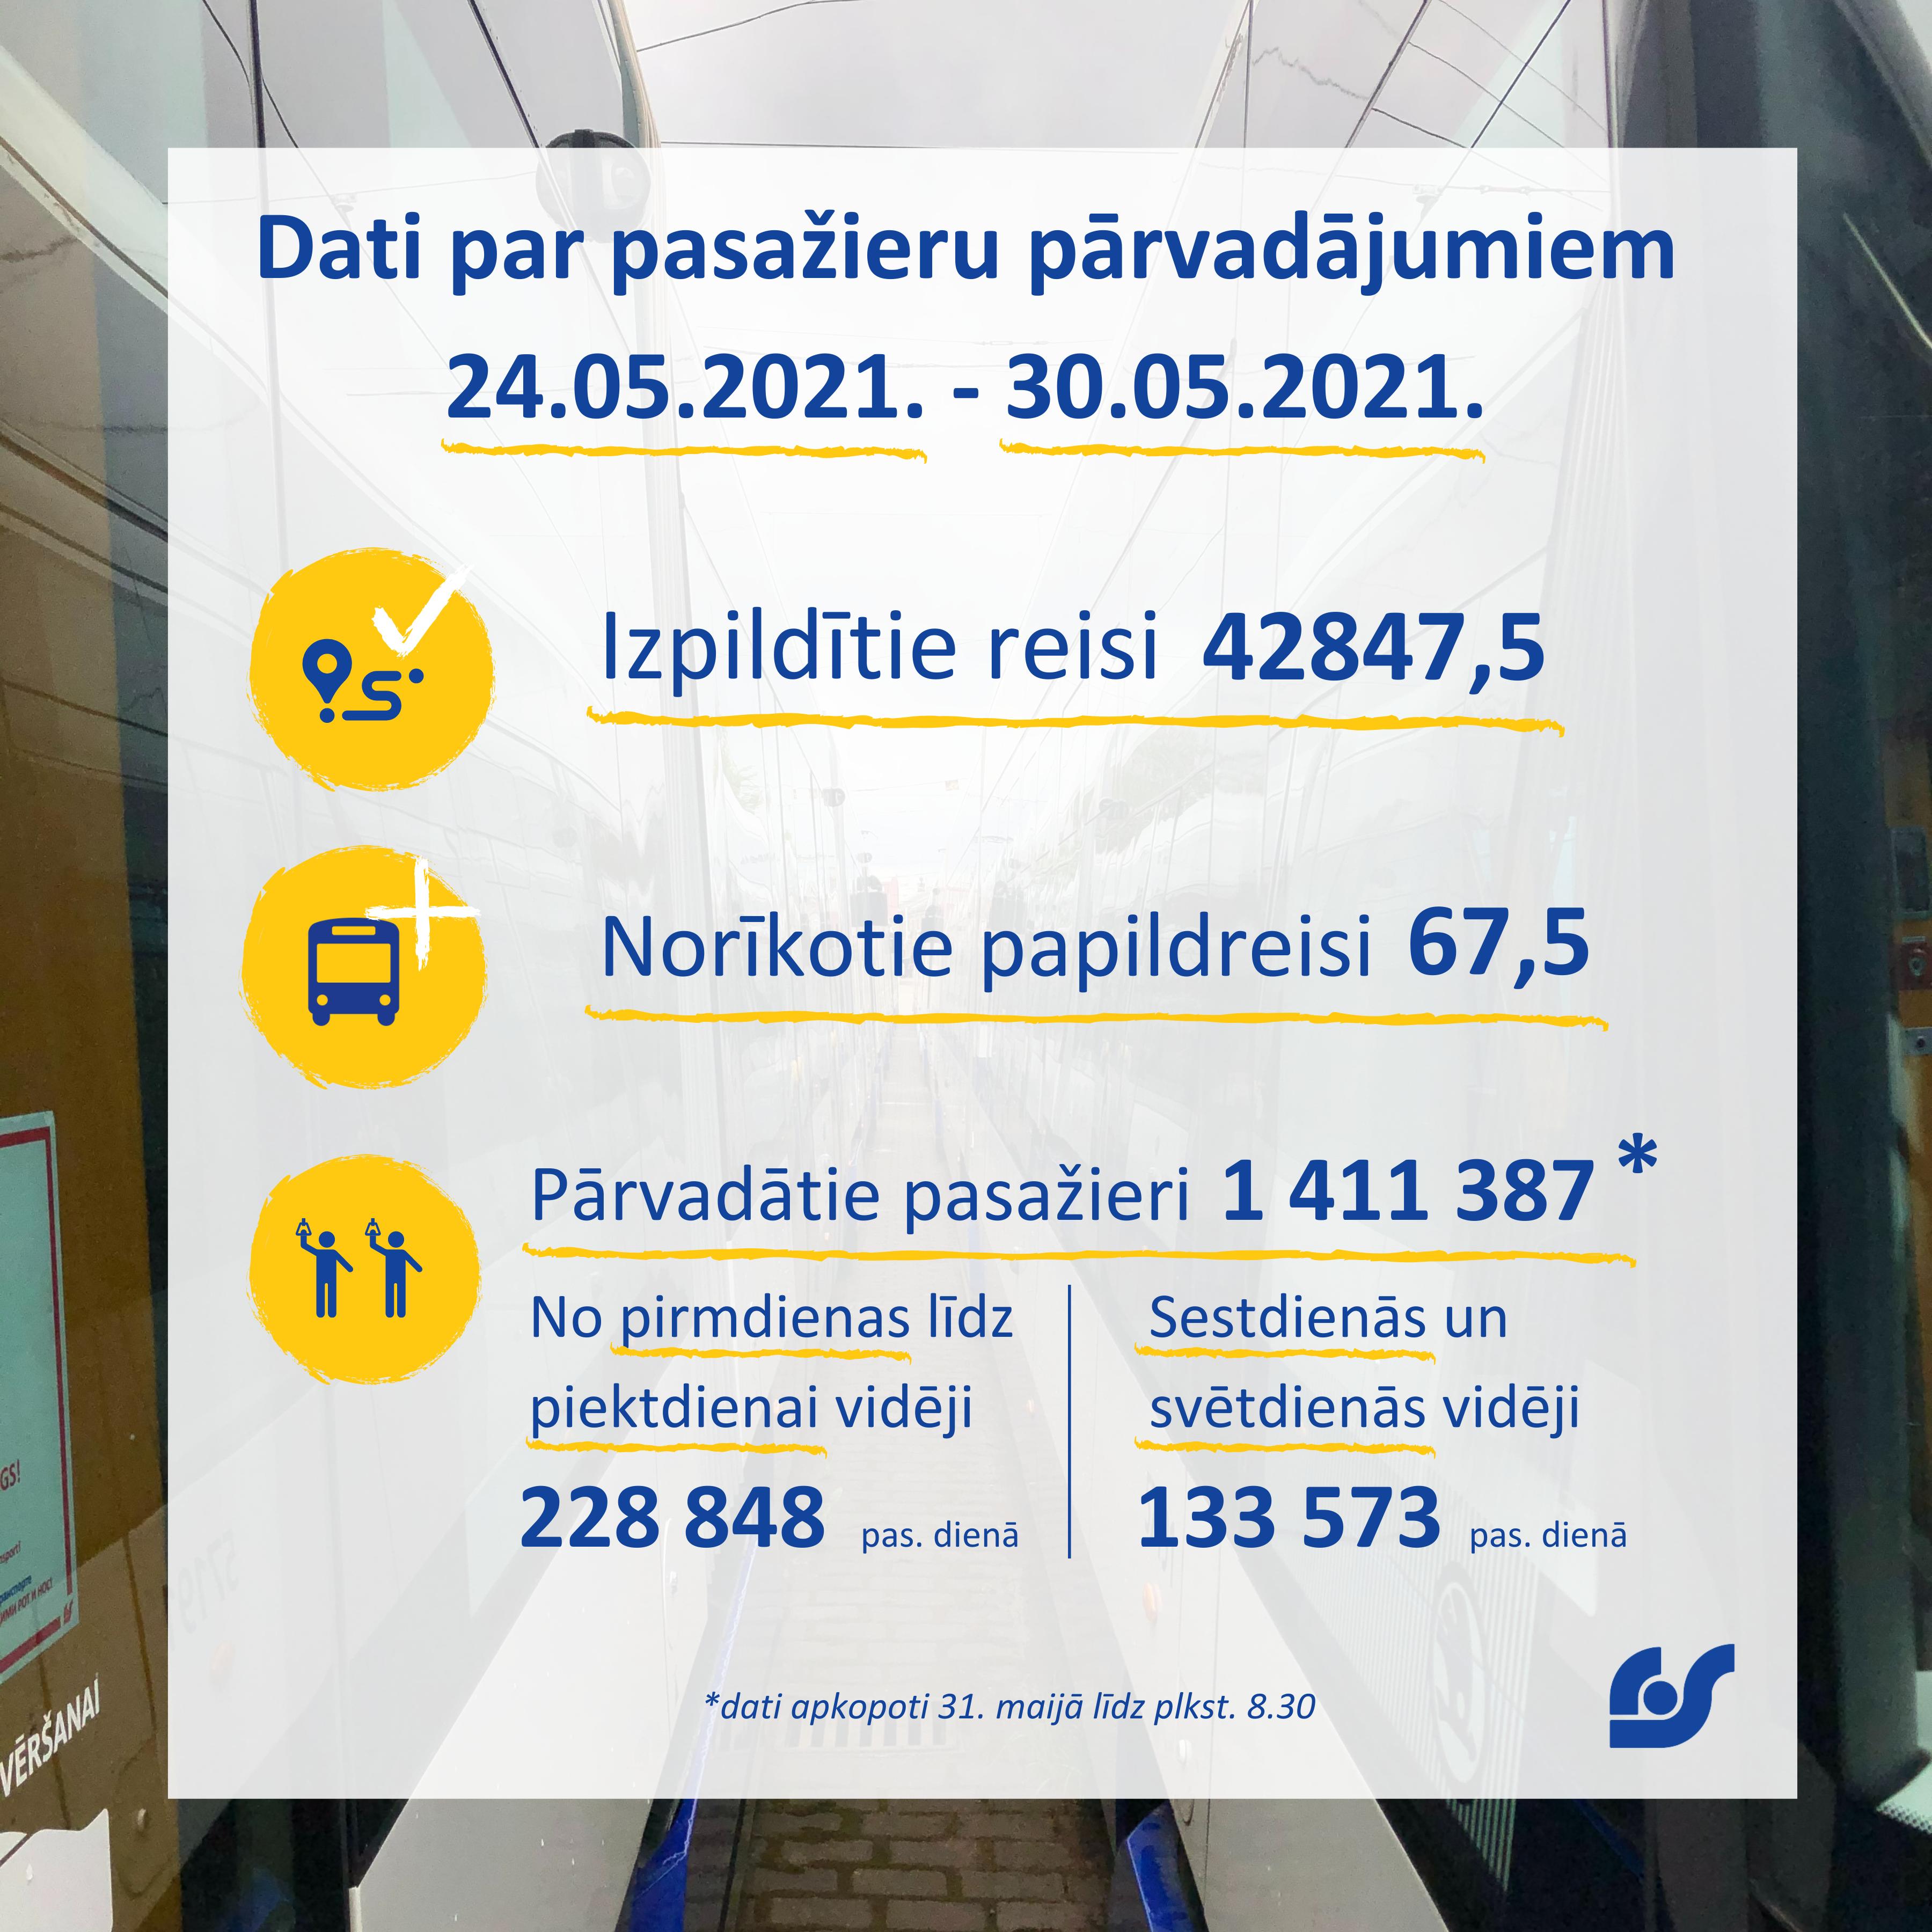 Dati par pasažieru pārvadājumiem (4).png